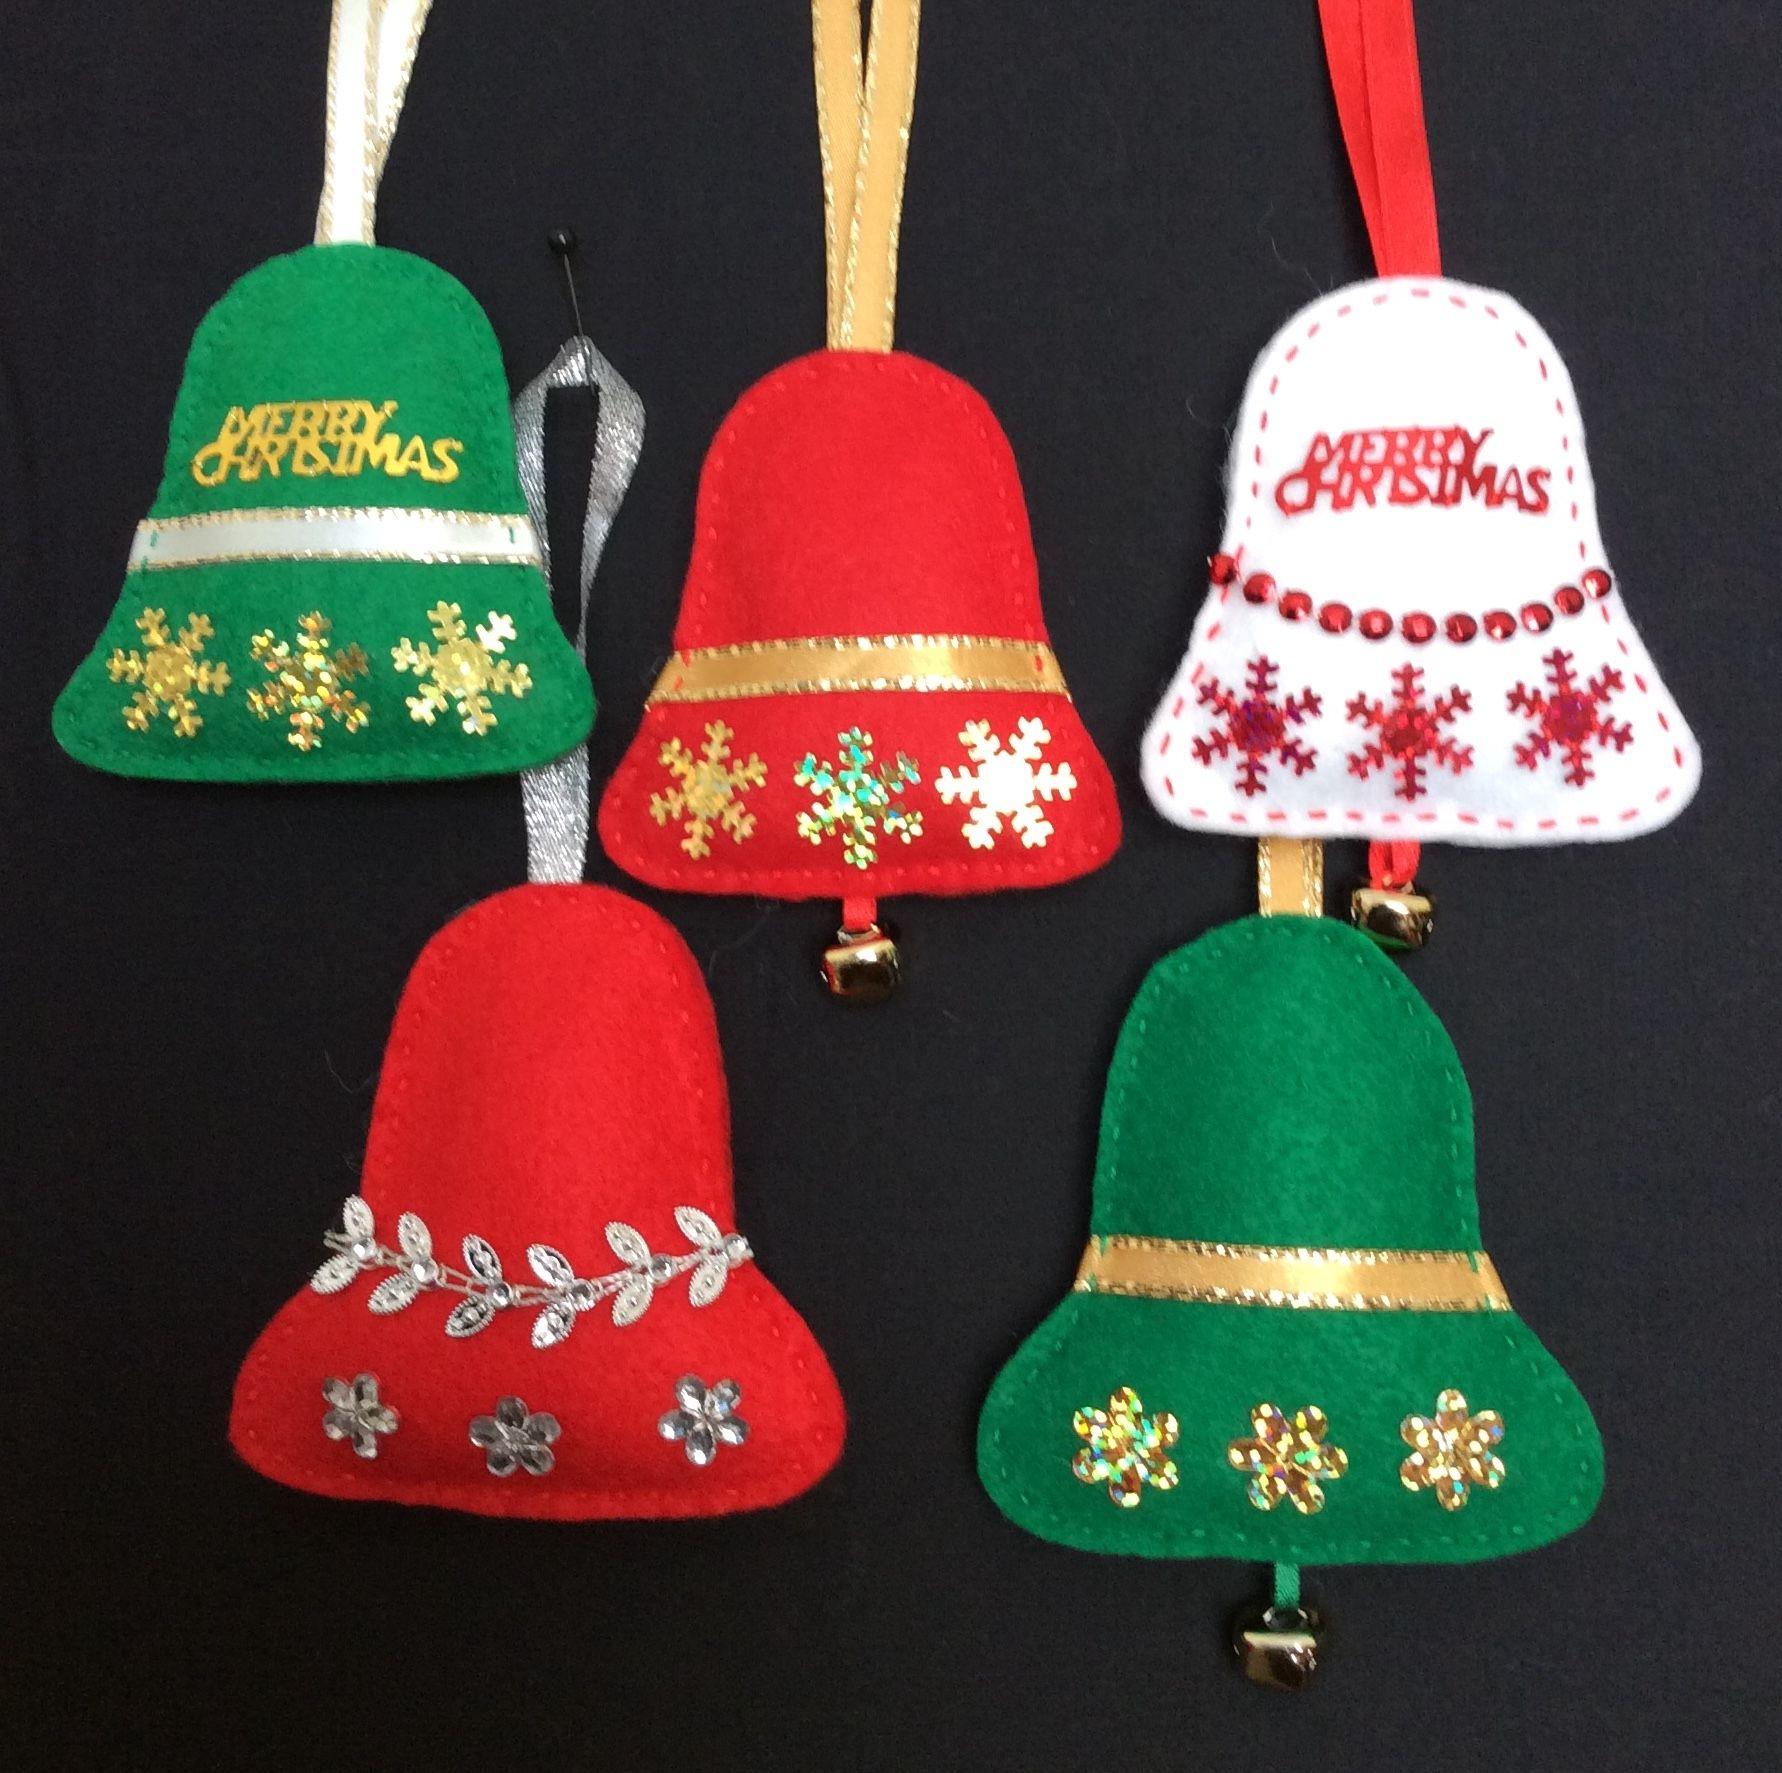 Felt Bells Felt Christmas Ornaments Felt Crafts Christmas Felt Christmas Decorations